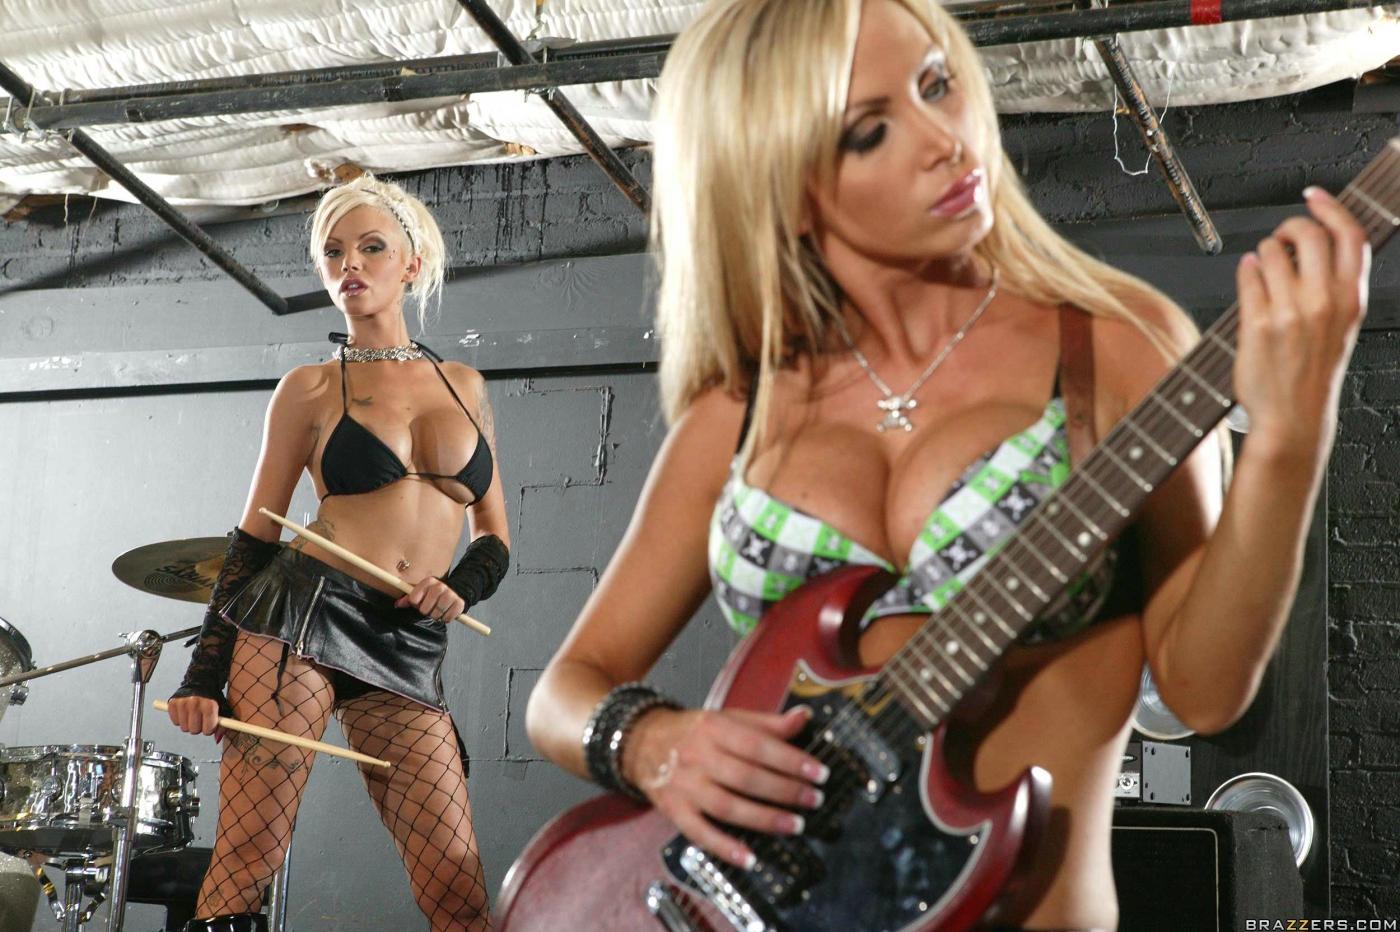 Три титястые рок-звезды во главе в Никки Бенц делят один фаллос на всех